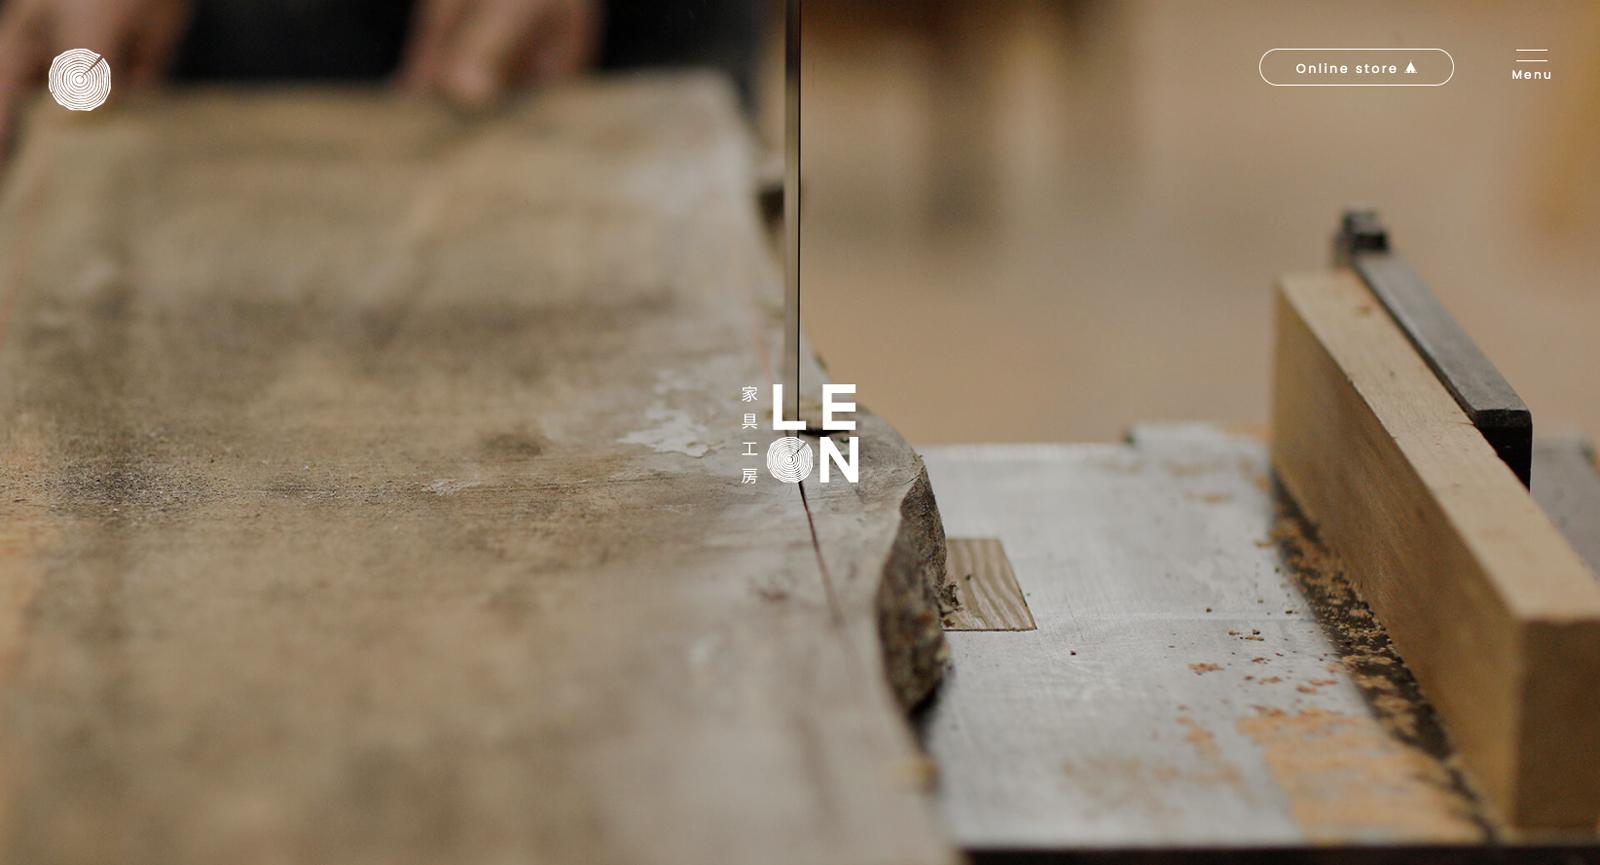 家具工房LEON ウェブサイトを公開しました。